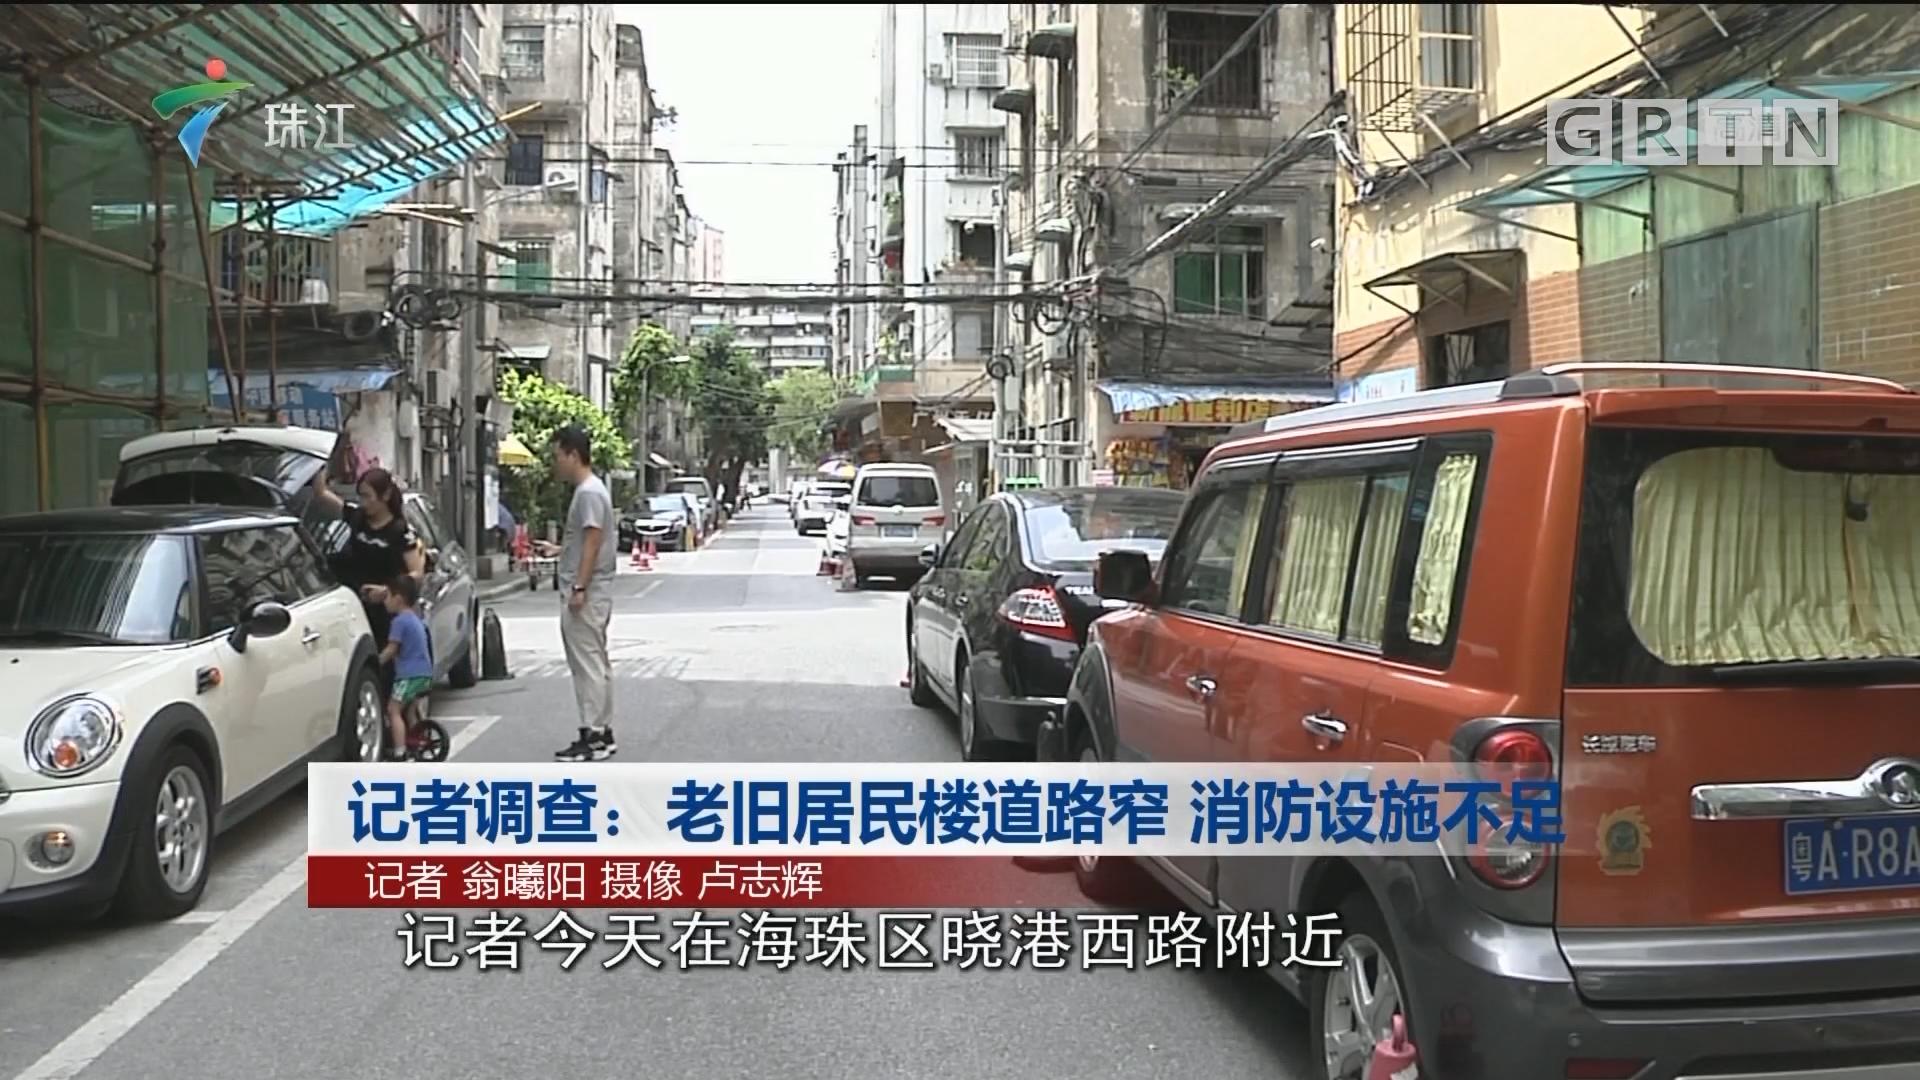 记者调查:老旧居民楼道路窄 消防设施不足